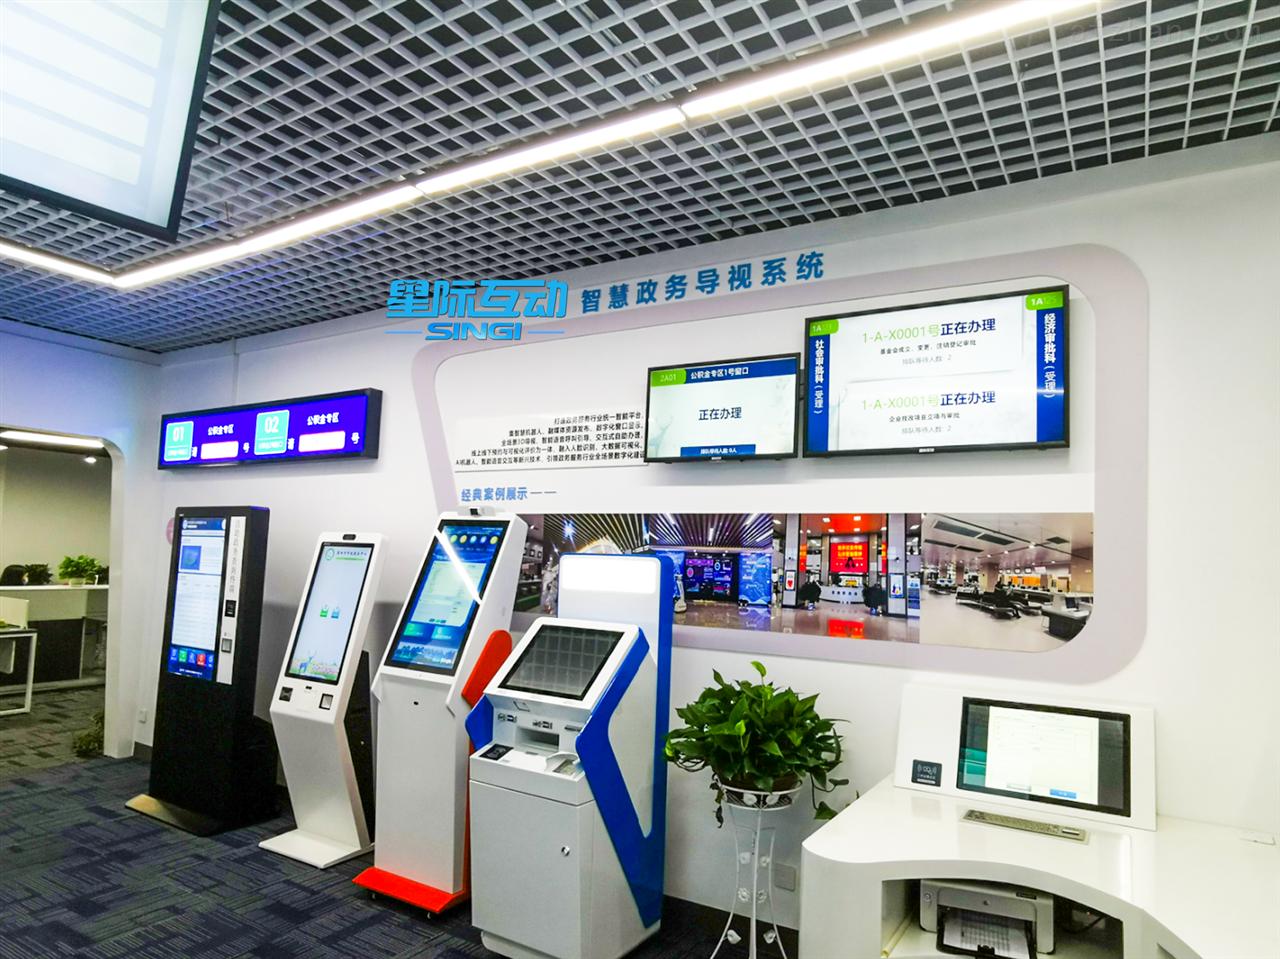 武汉星际互动政务智能导视系统